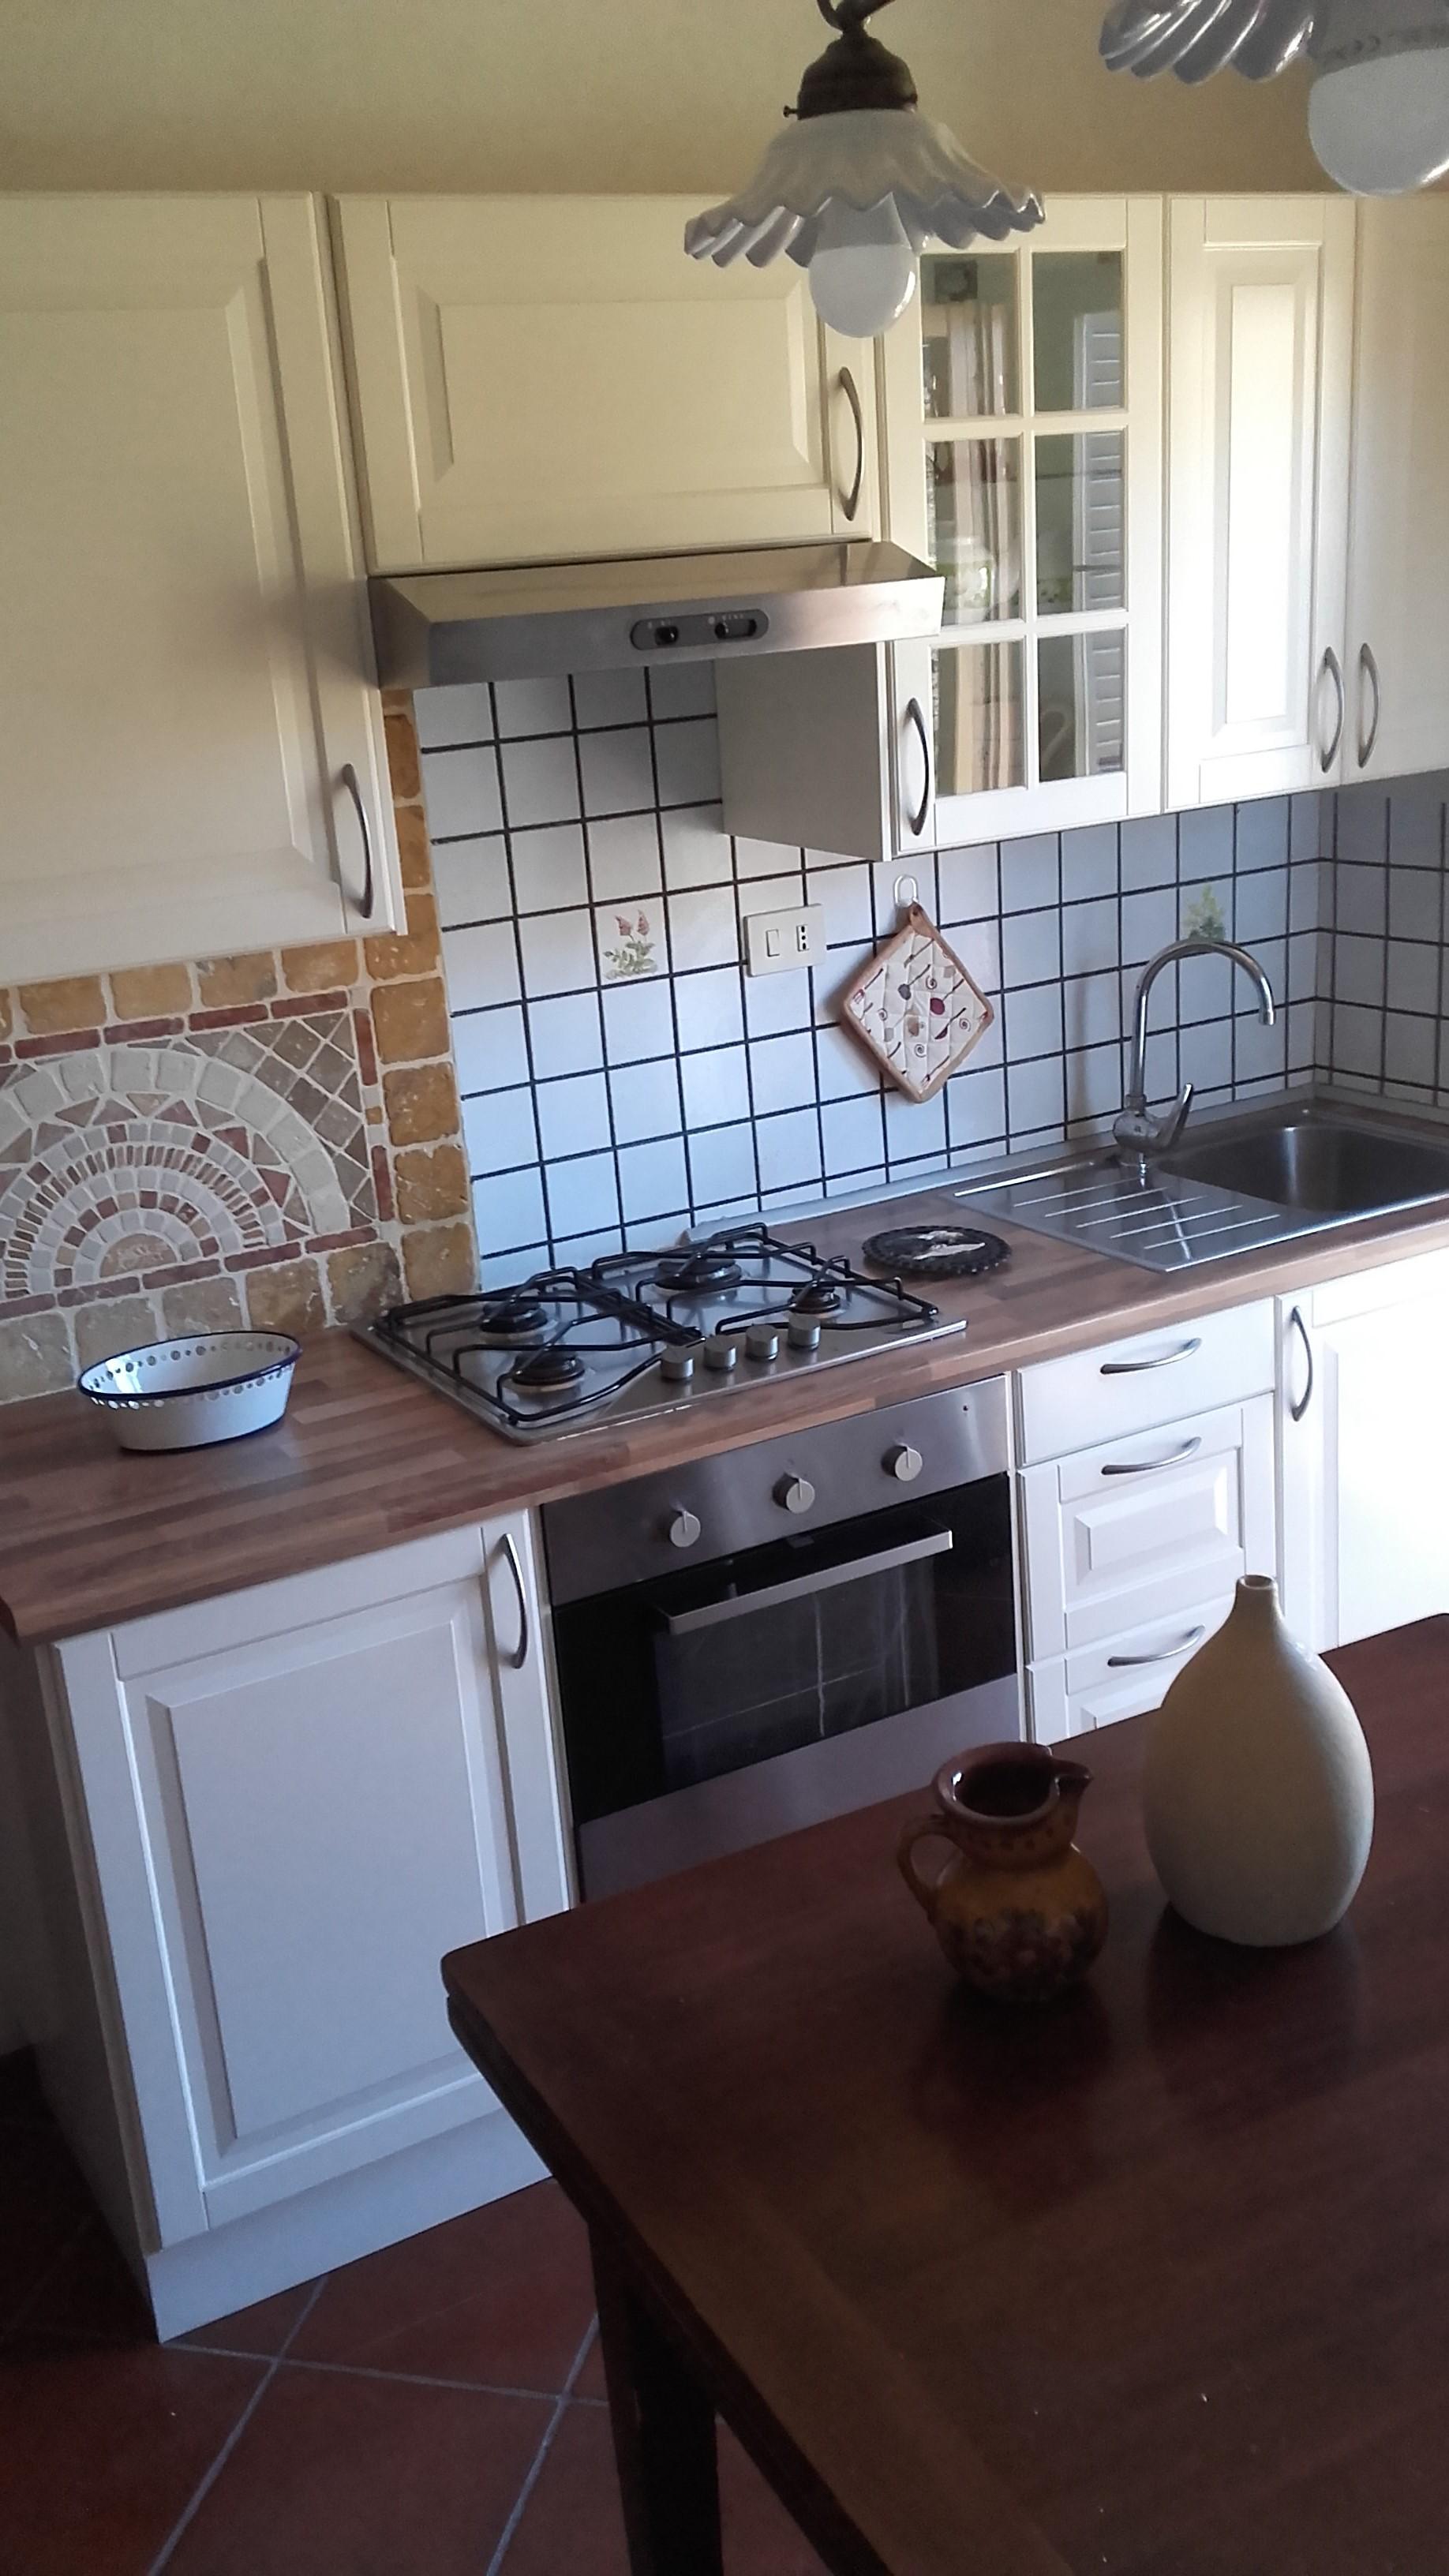 Armadio Ripostiglio Ad Angolo a casa di lucia - apartments for rent in pescasseroli